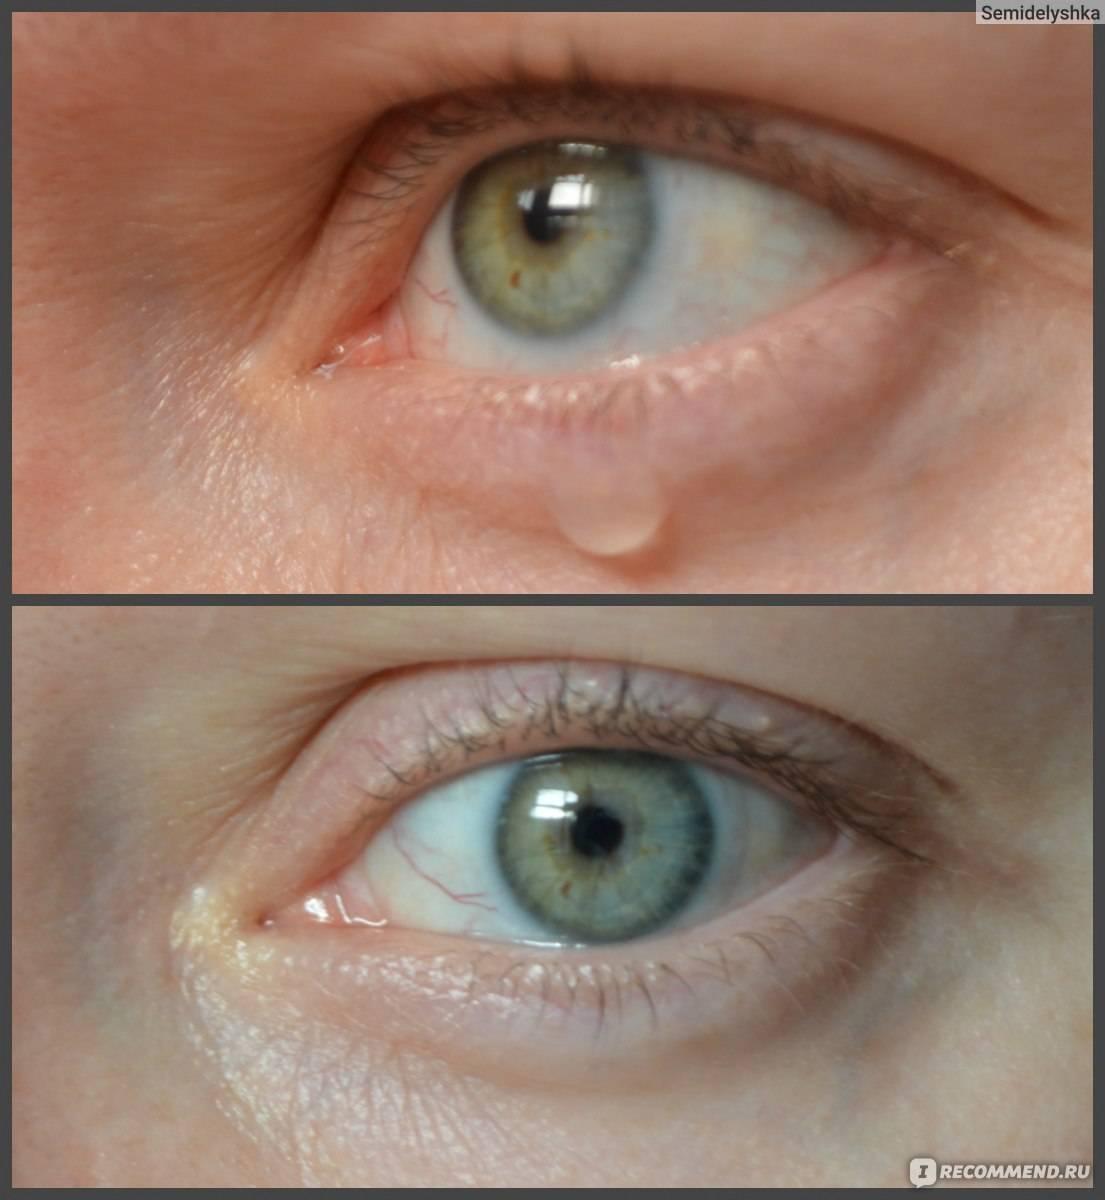 Можно ли носит линзы когда ячмень глазу